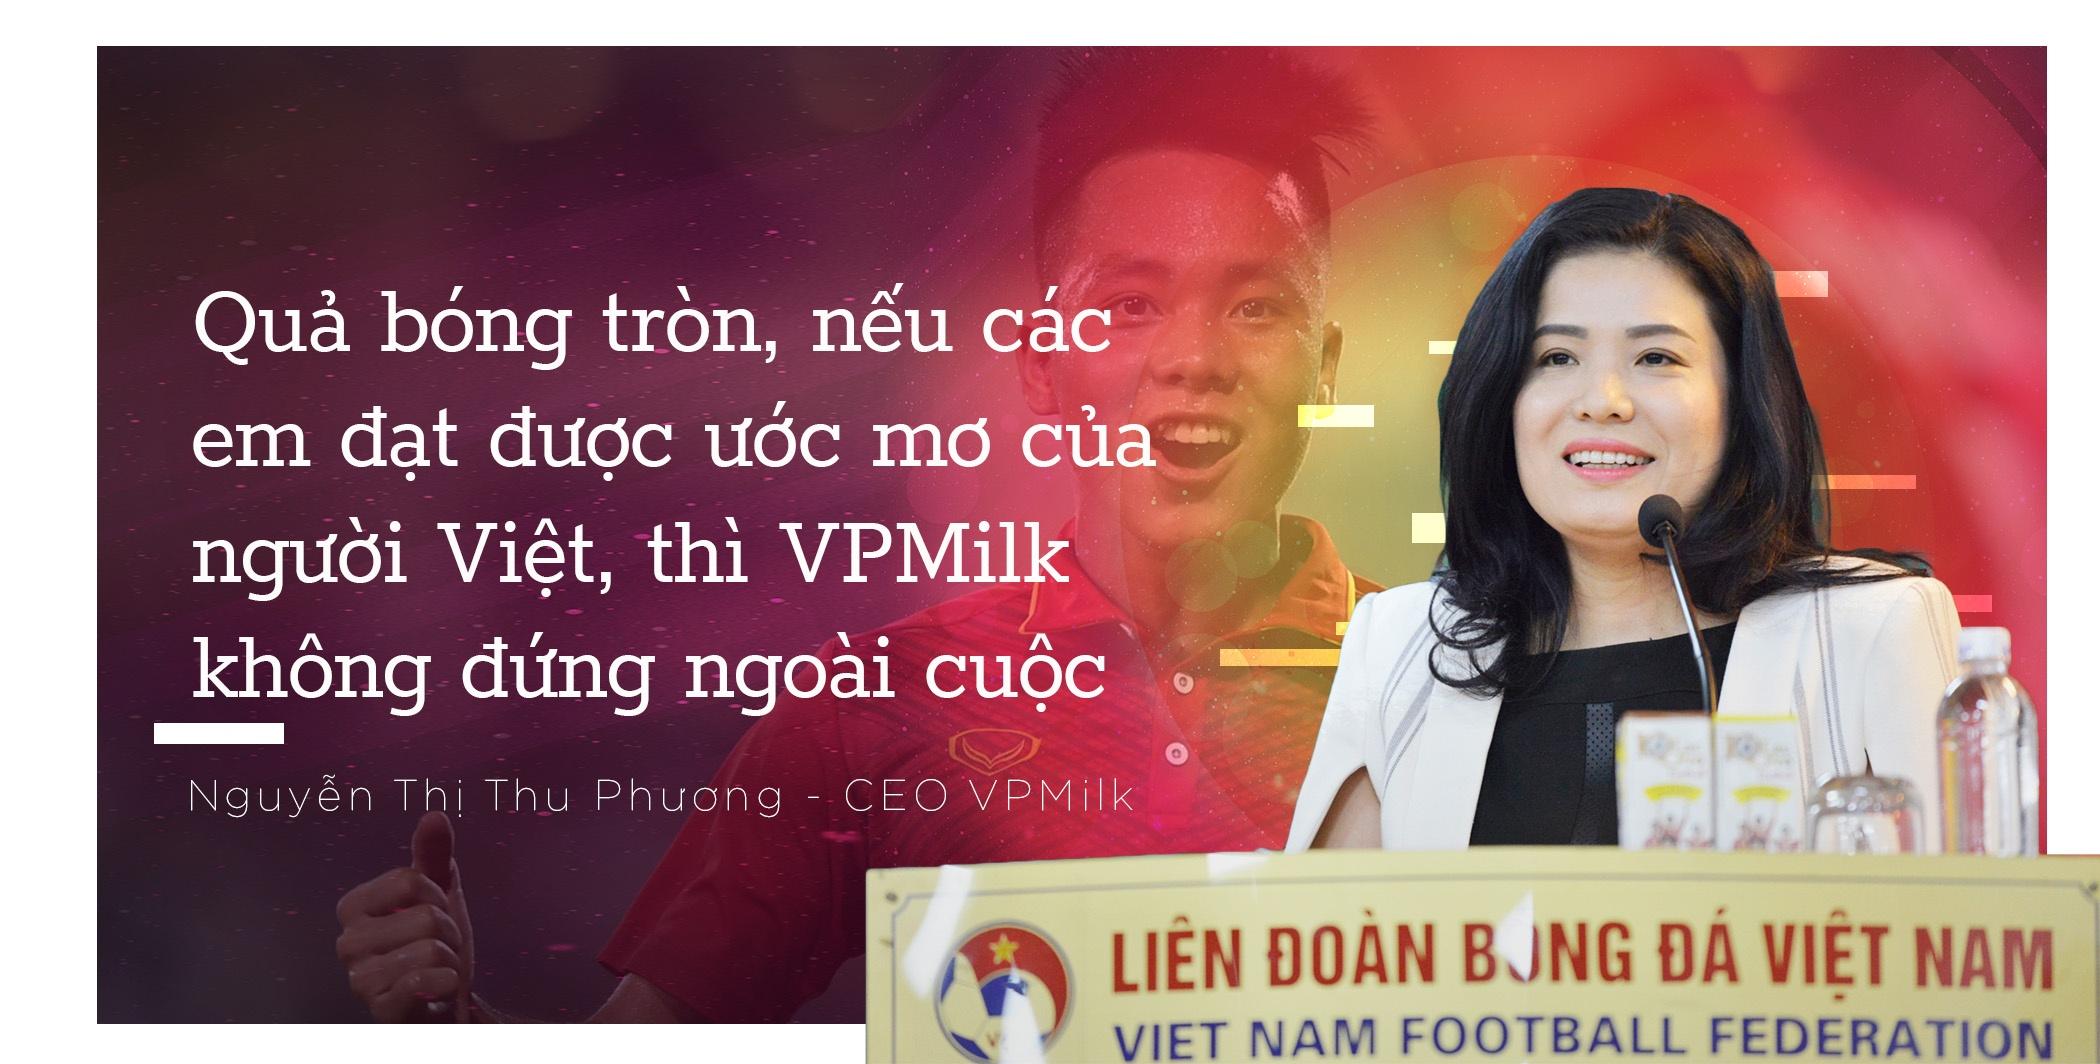 CEO VPMilk: 'Cai thien the luc cau thu Viet la uu tien so 1' hinh anh 4